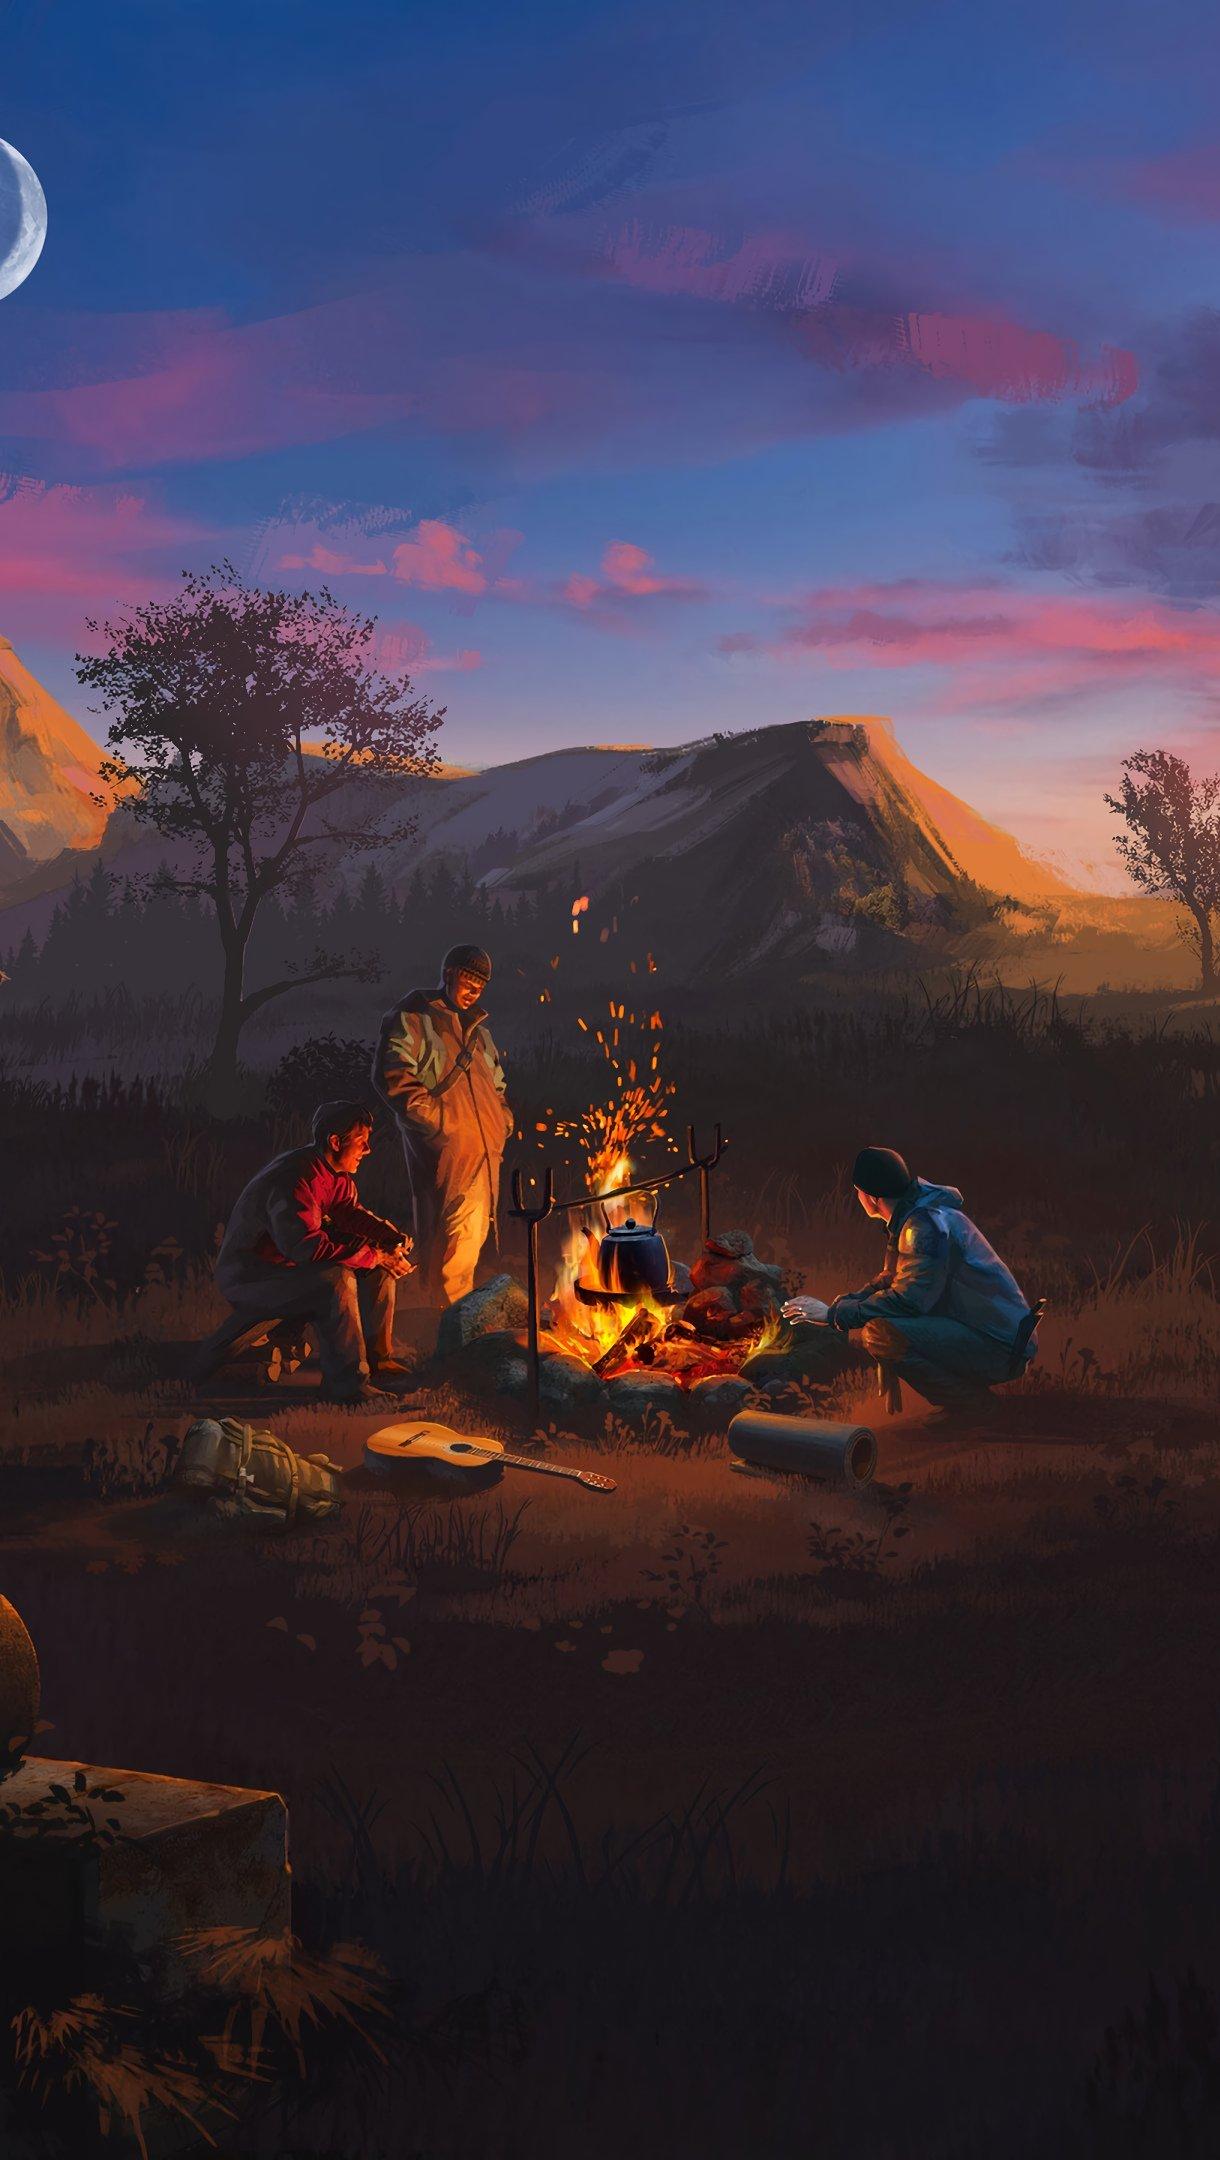 Fondos de pantalla Fogata en campamento al atardecer artwork Vertical